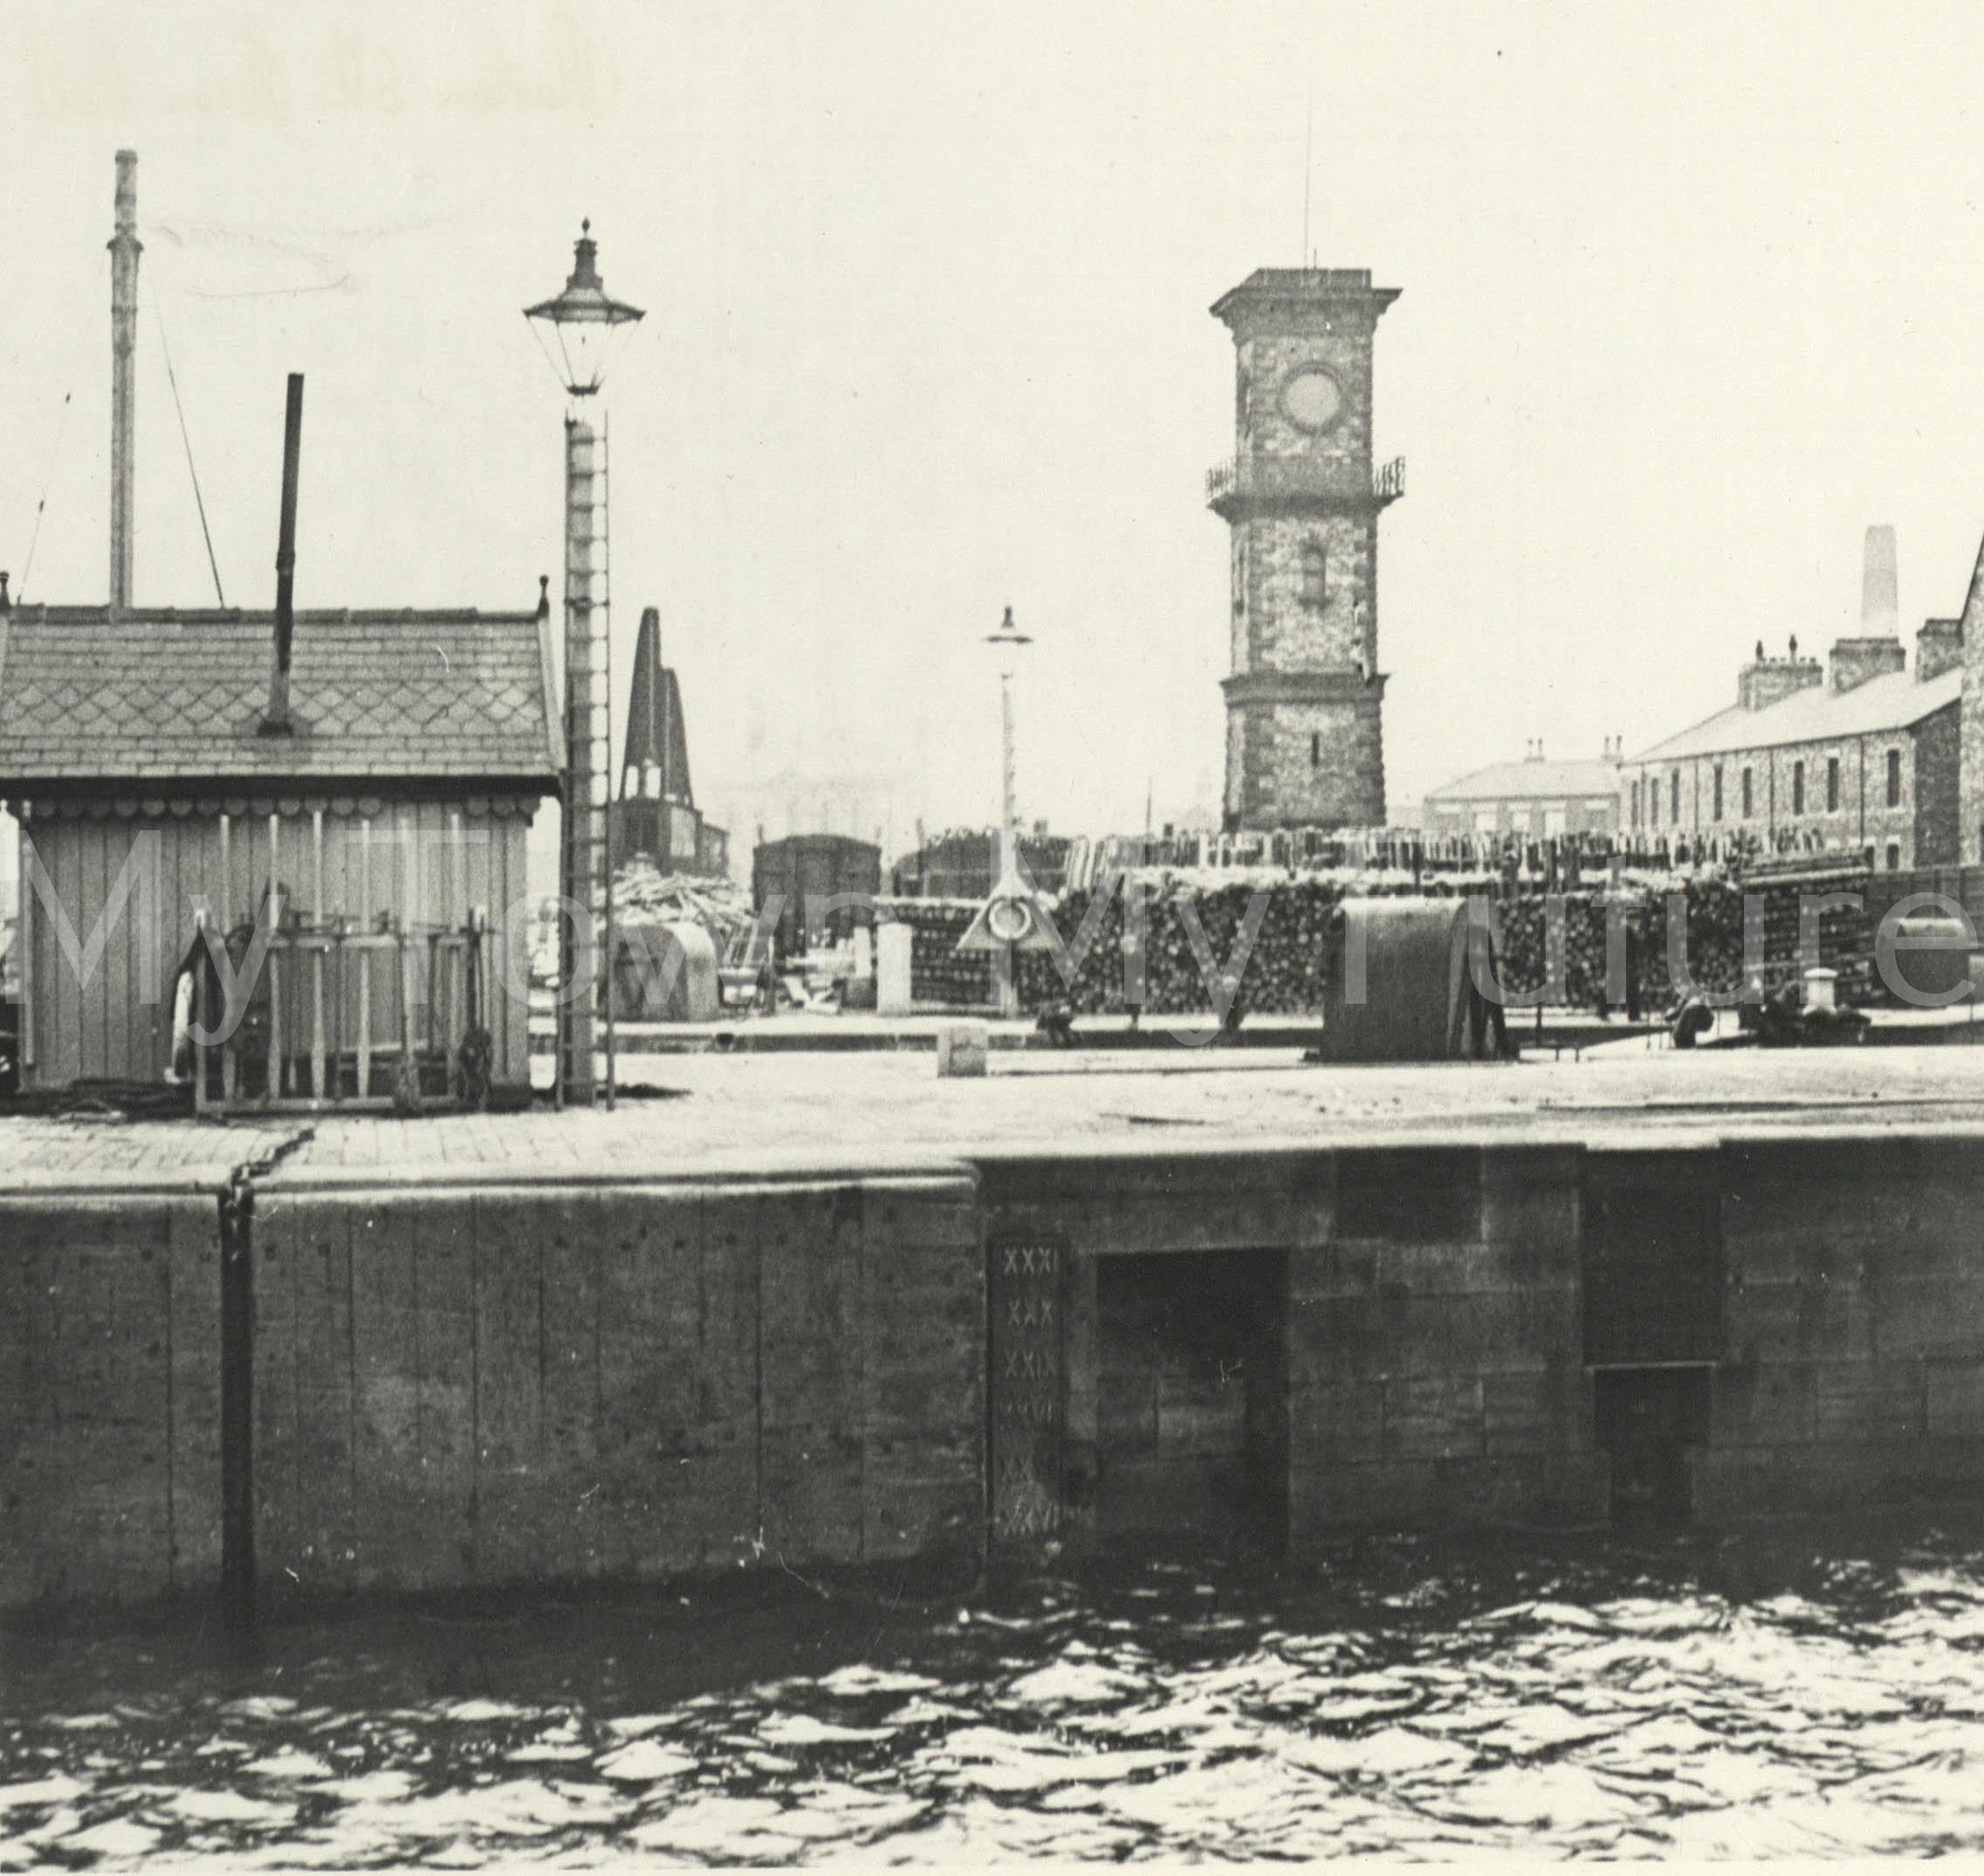 Middlesbrough Docks 1900